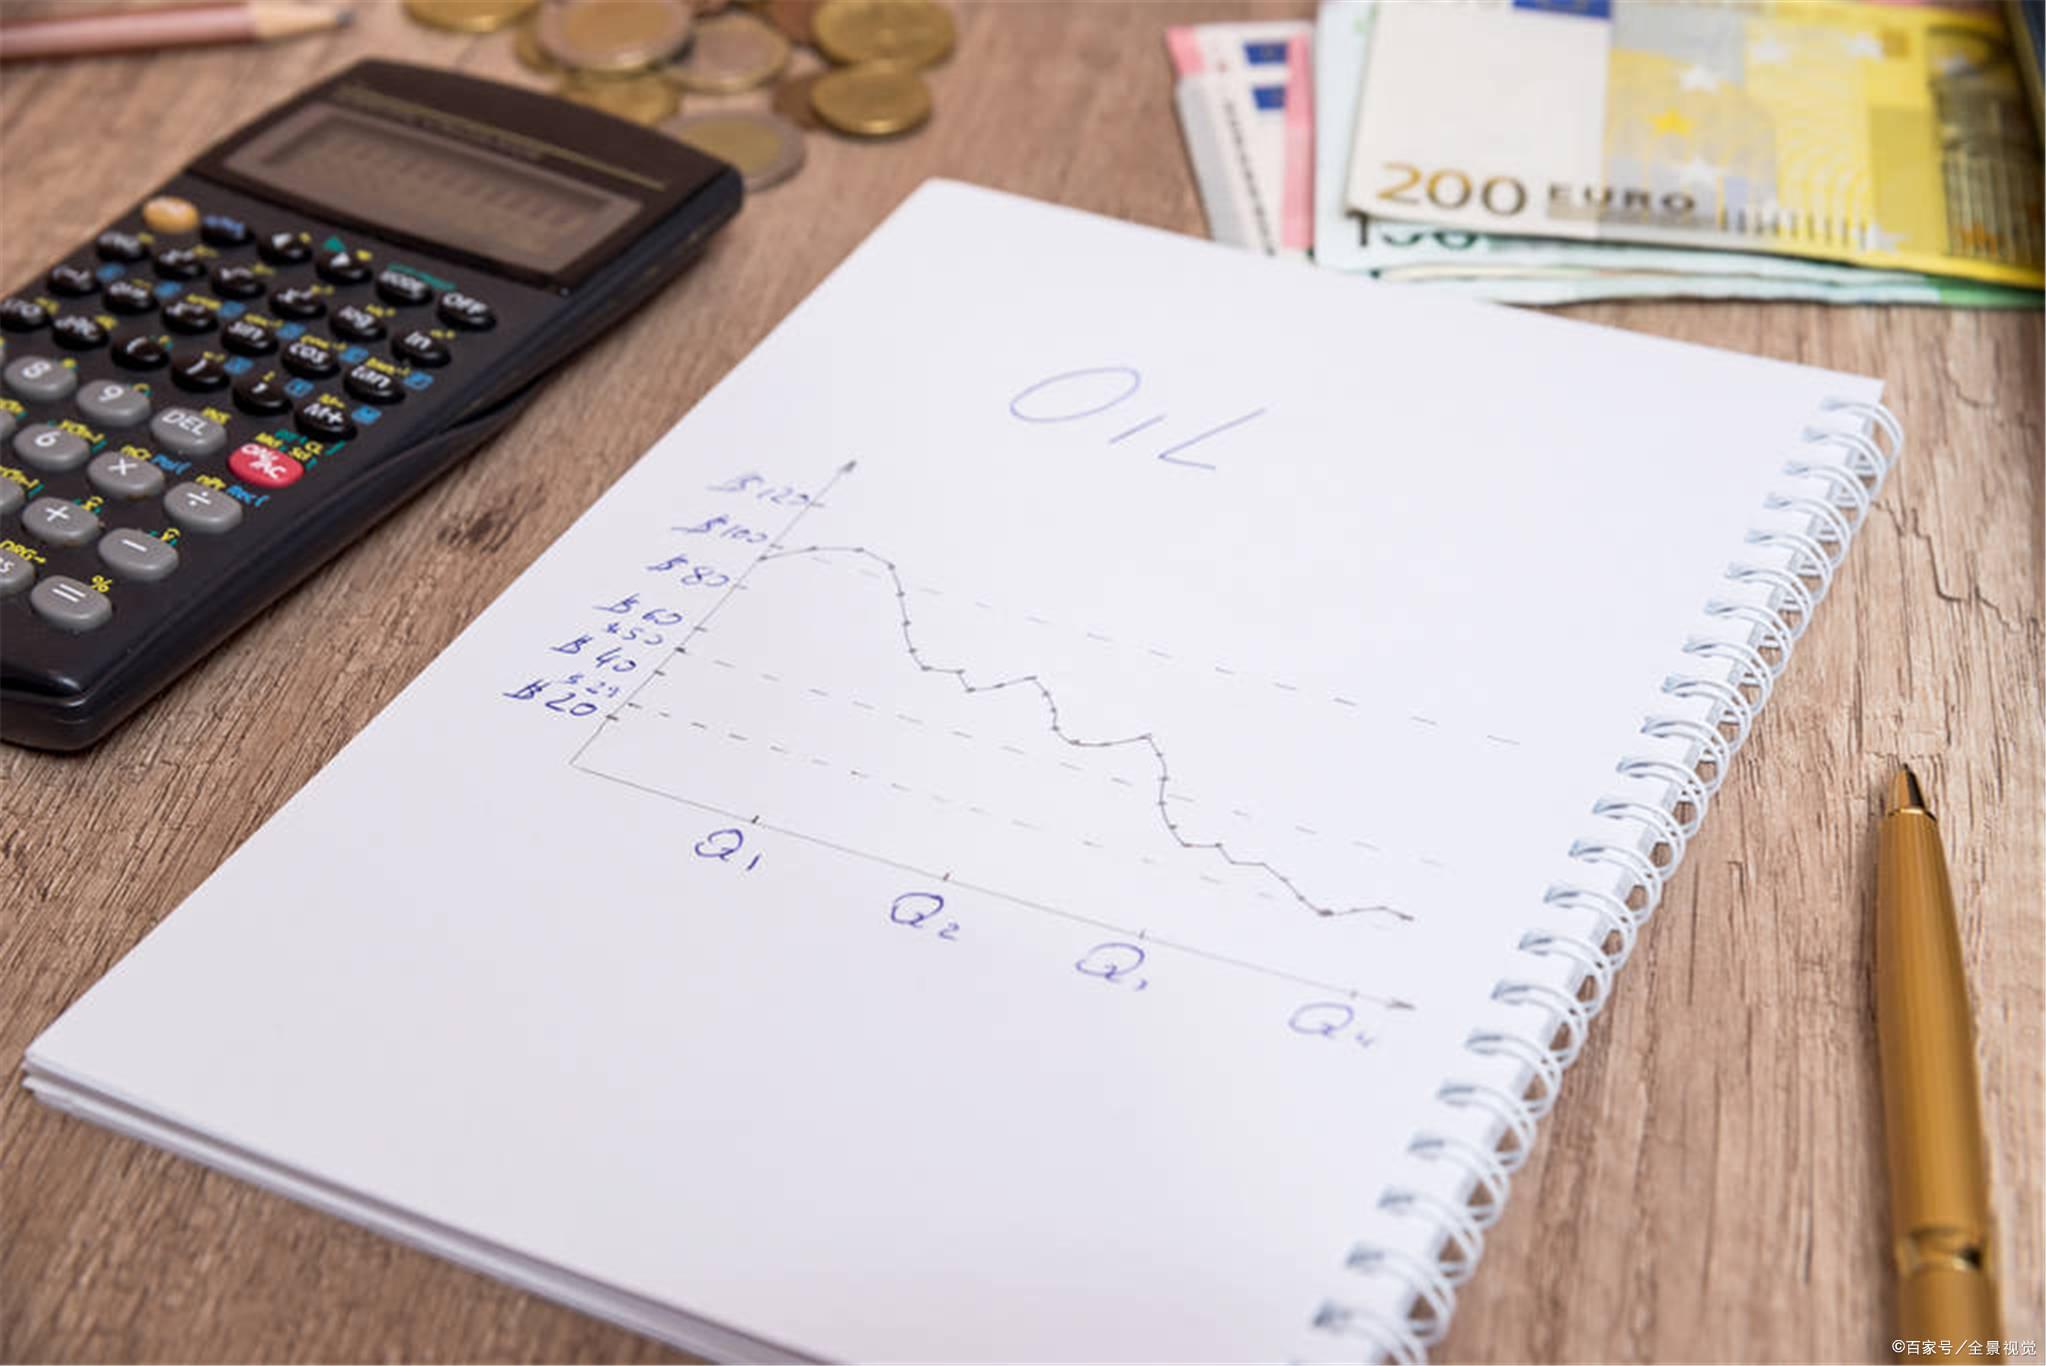 全球供应短缺,油价继续攀升至60美元